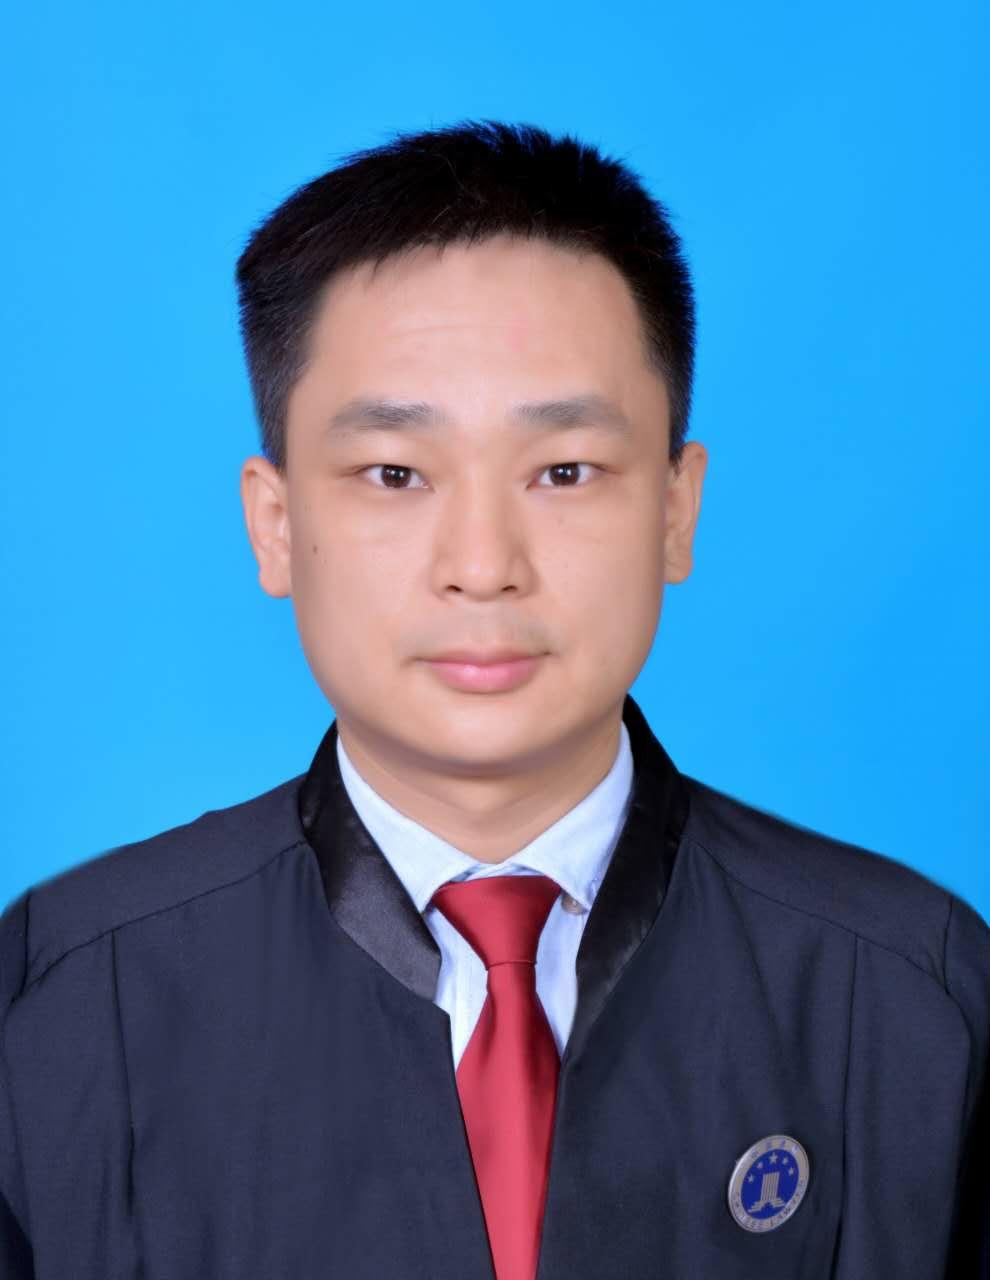 玉林律师-李伏平